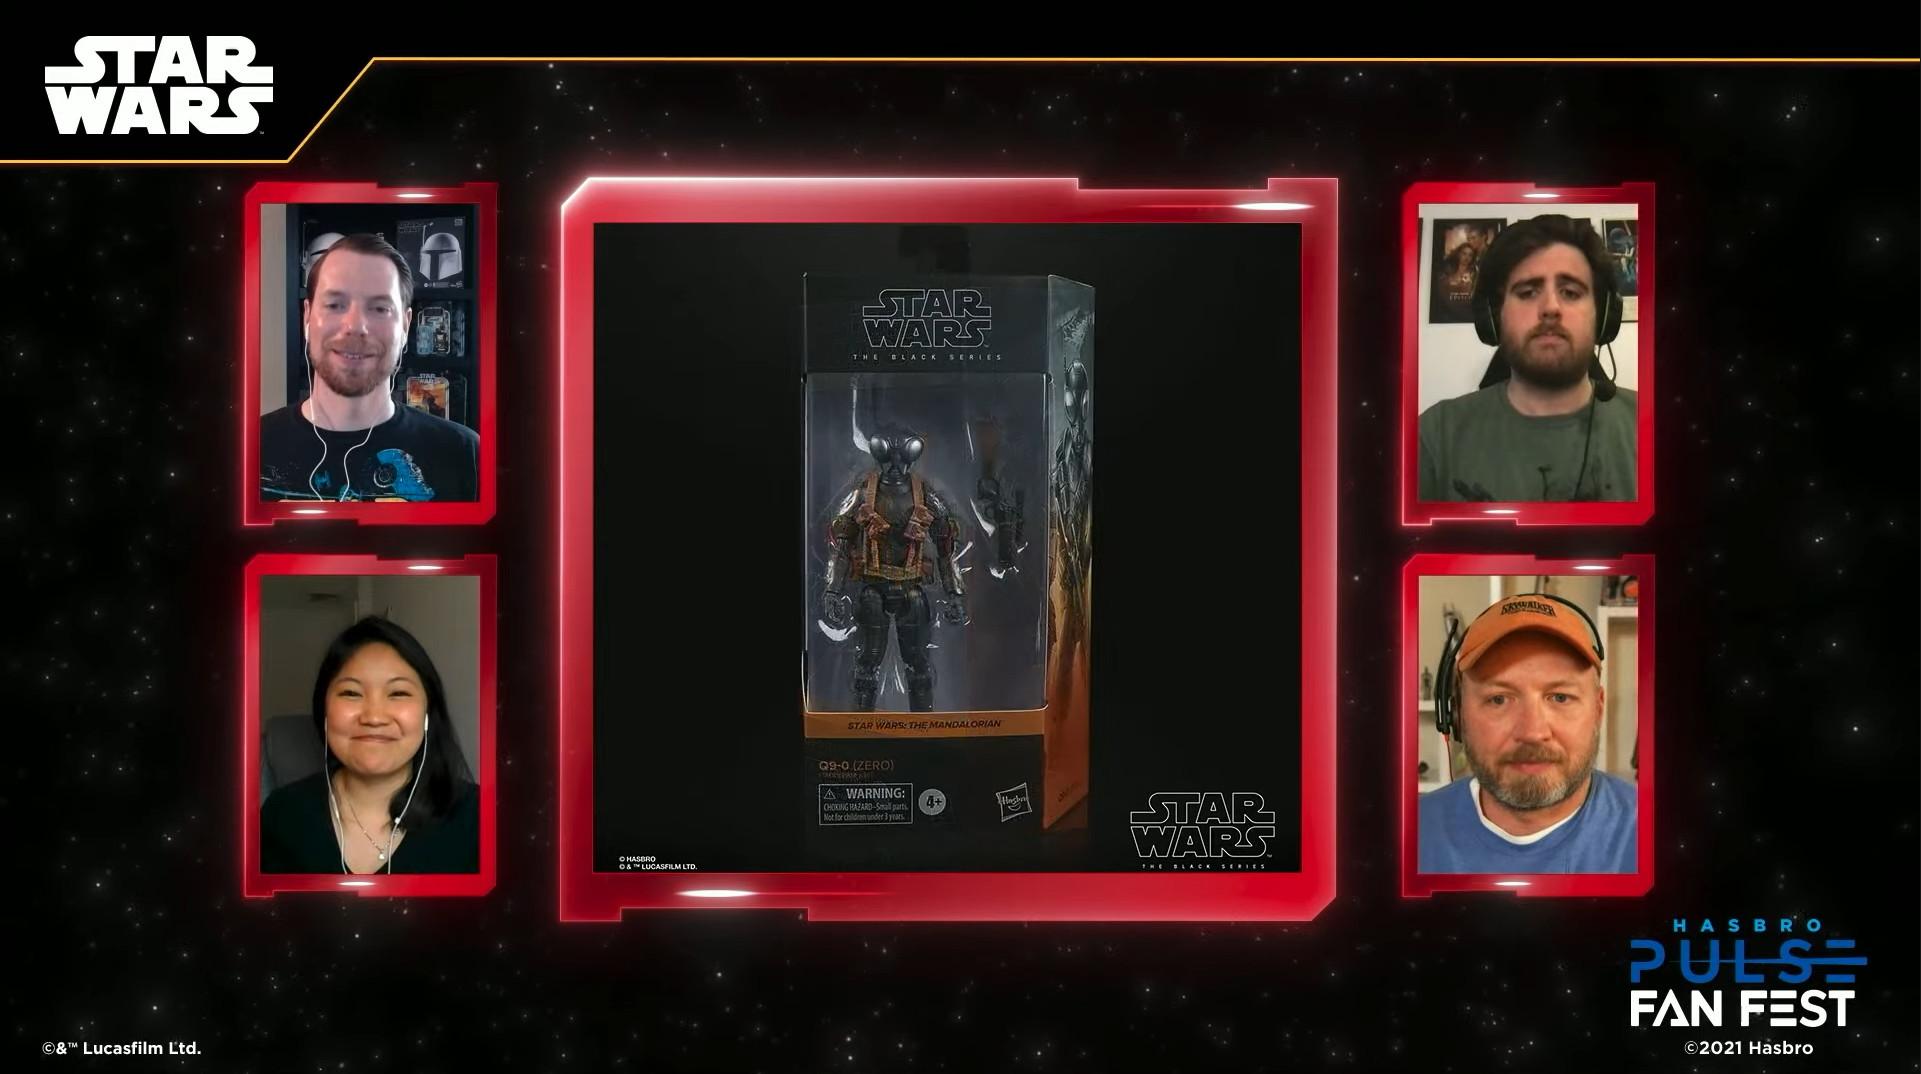 Hasbro Fan Fest: Star Wars Black Series Reveals - Fwoosh